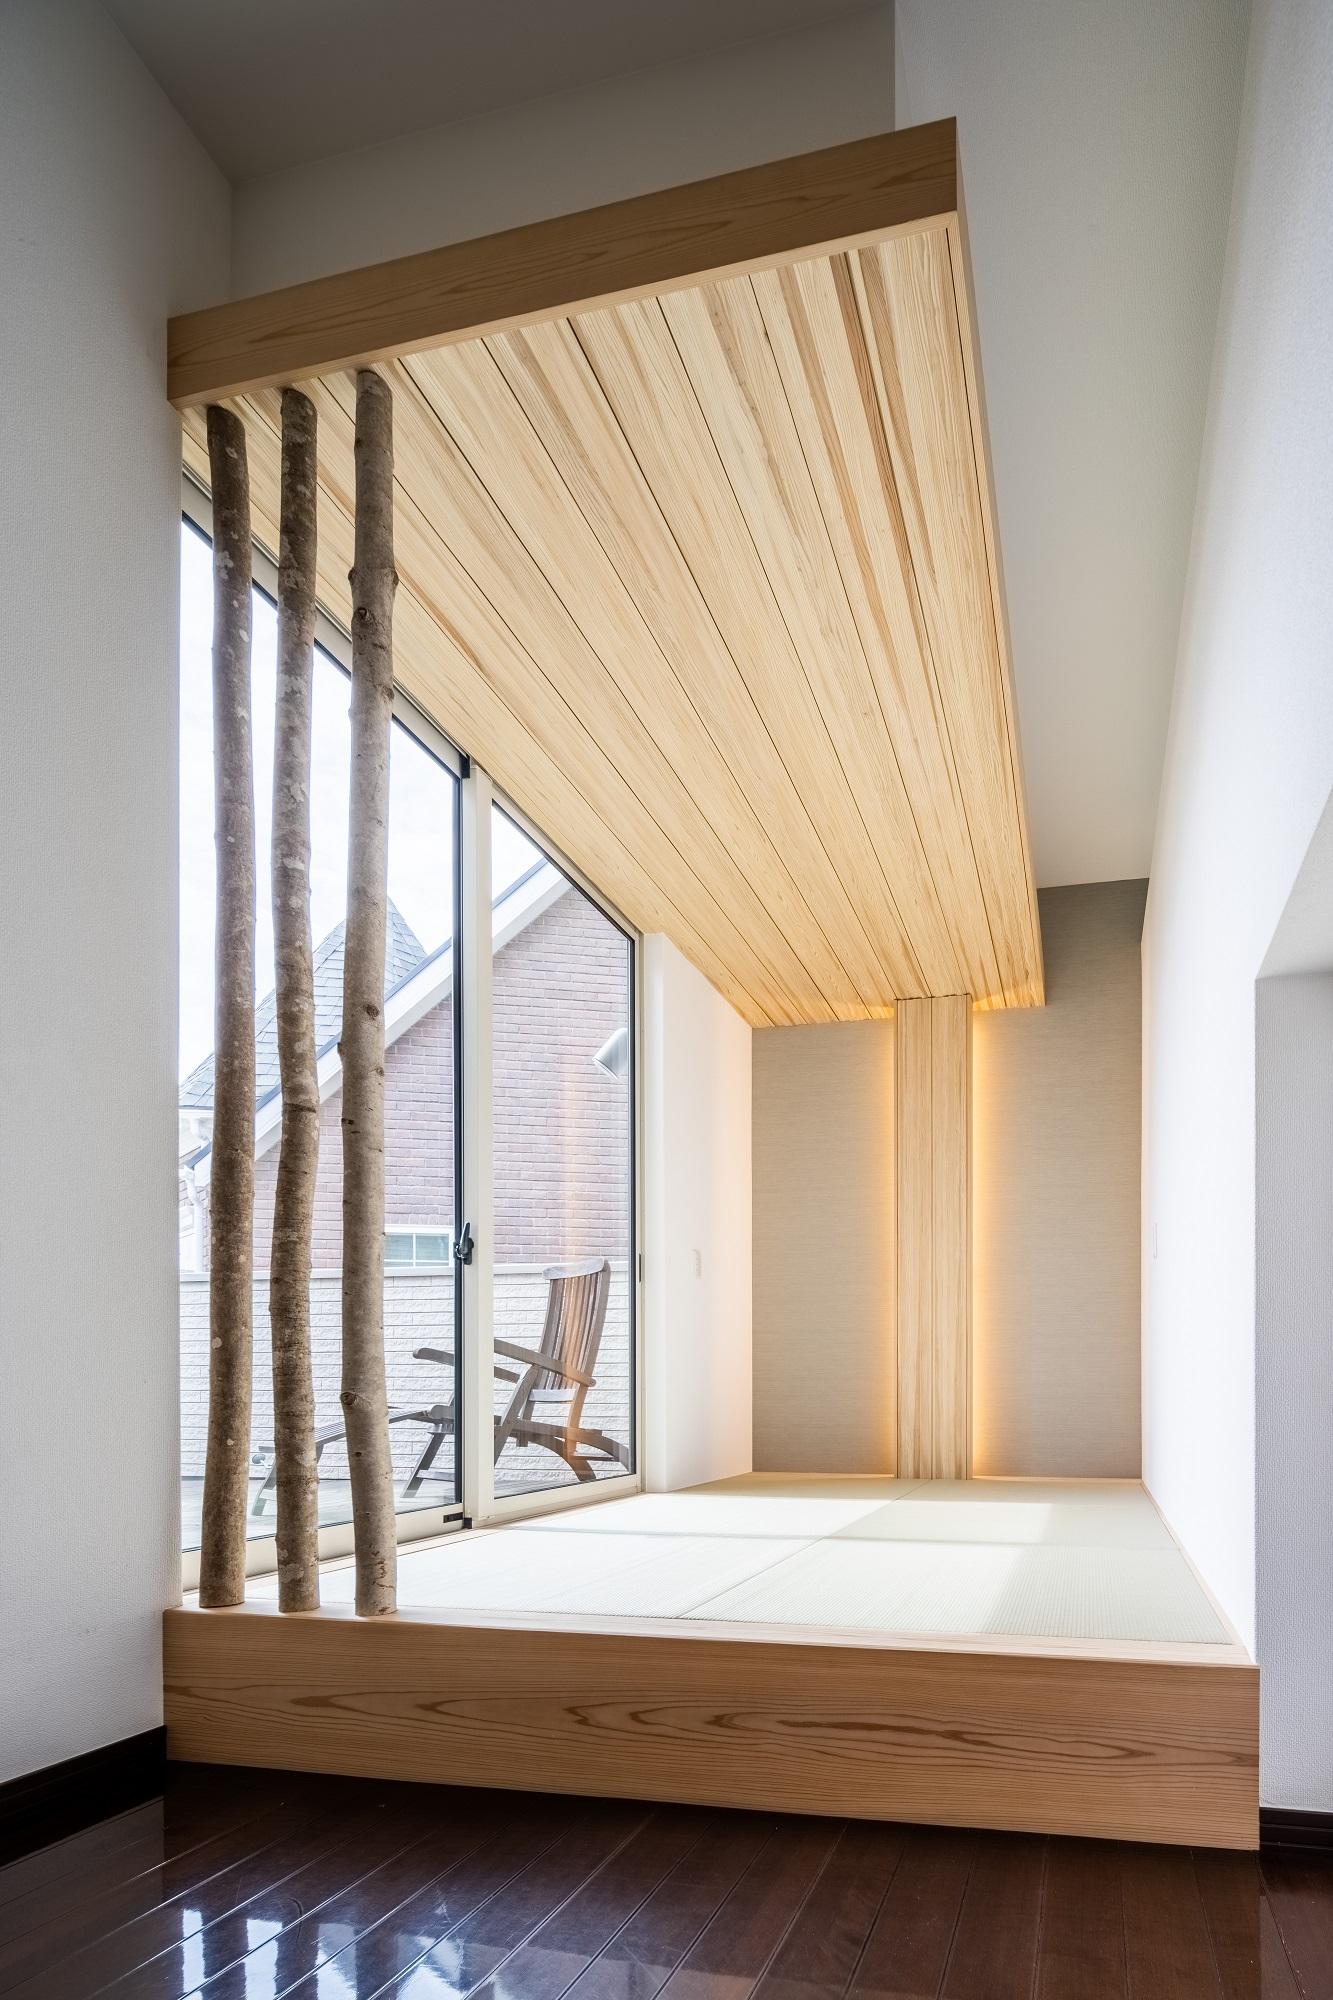 階段の踊り場には3帖の畳スペースを設けています。正面の壁には天然木のアクセントを設け、天井と繋げることでより落ち着きのある空間に。バルコニーへの出入りもできる掃き出し窓からはたくさんの陽射しも差し込み、ほっと寛げる癒しの空間になっています。